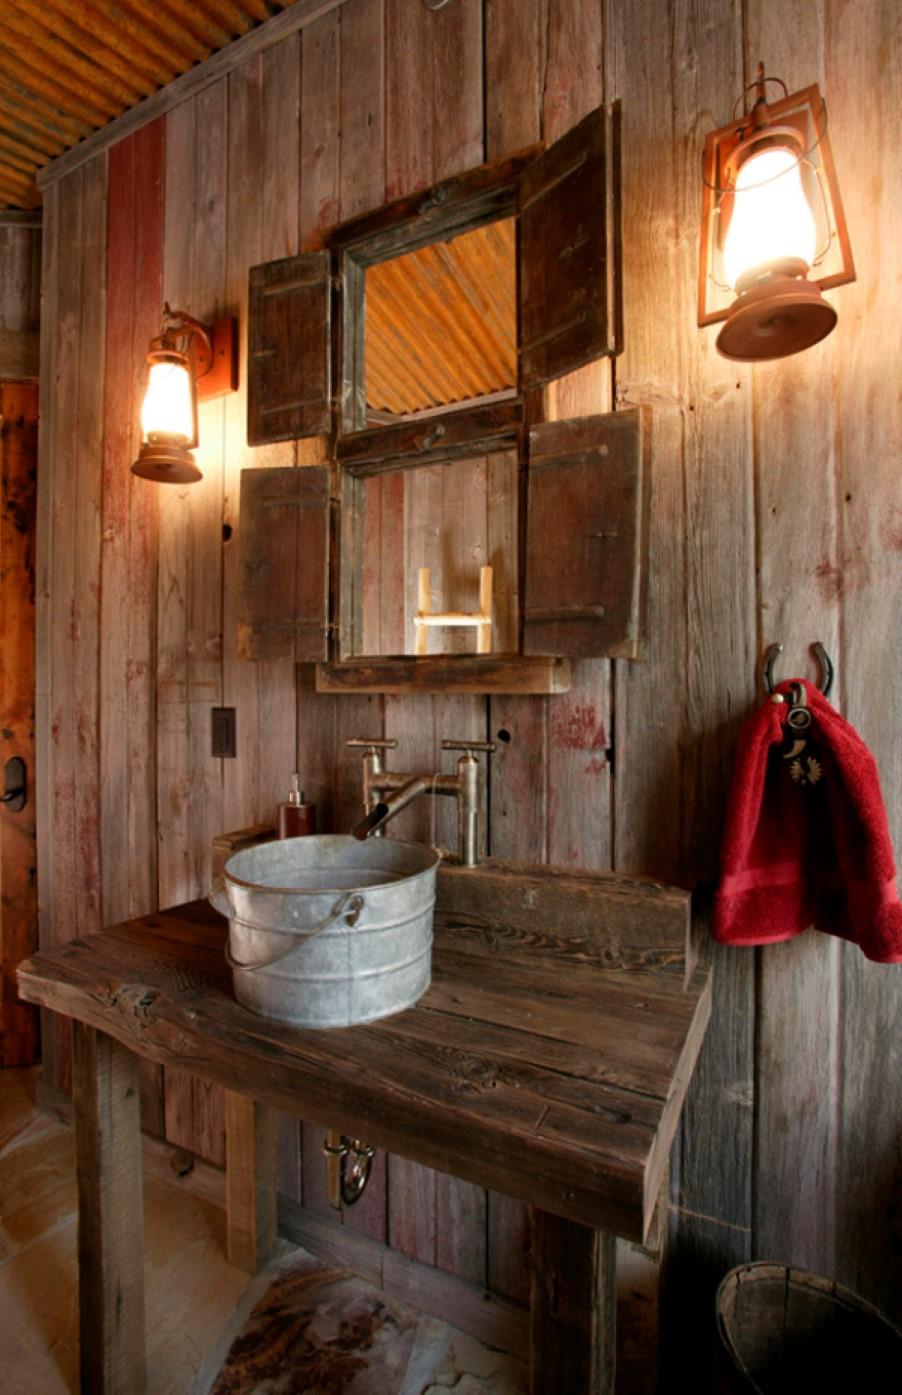 Ванная комната с деревенским декором